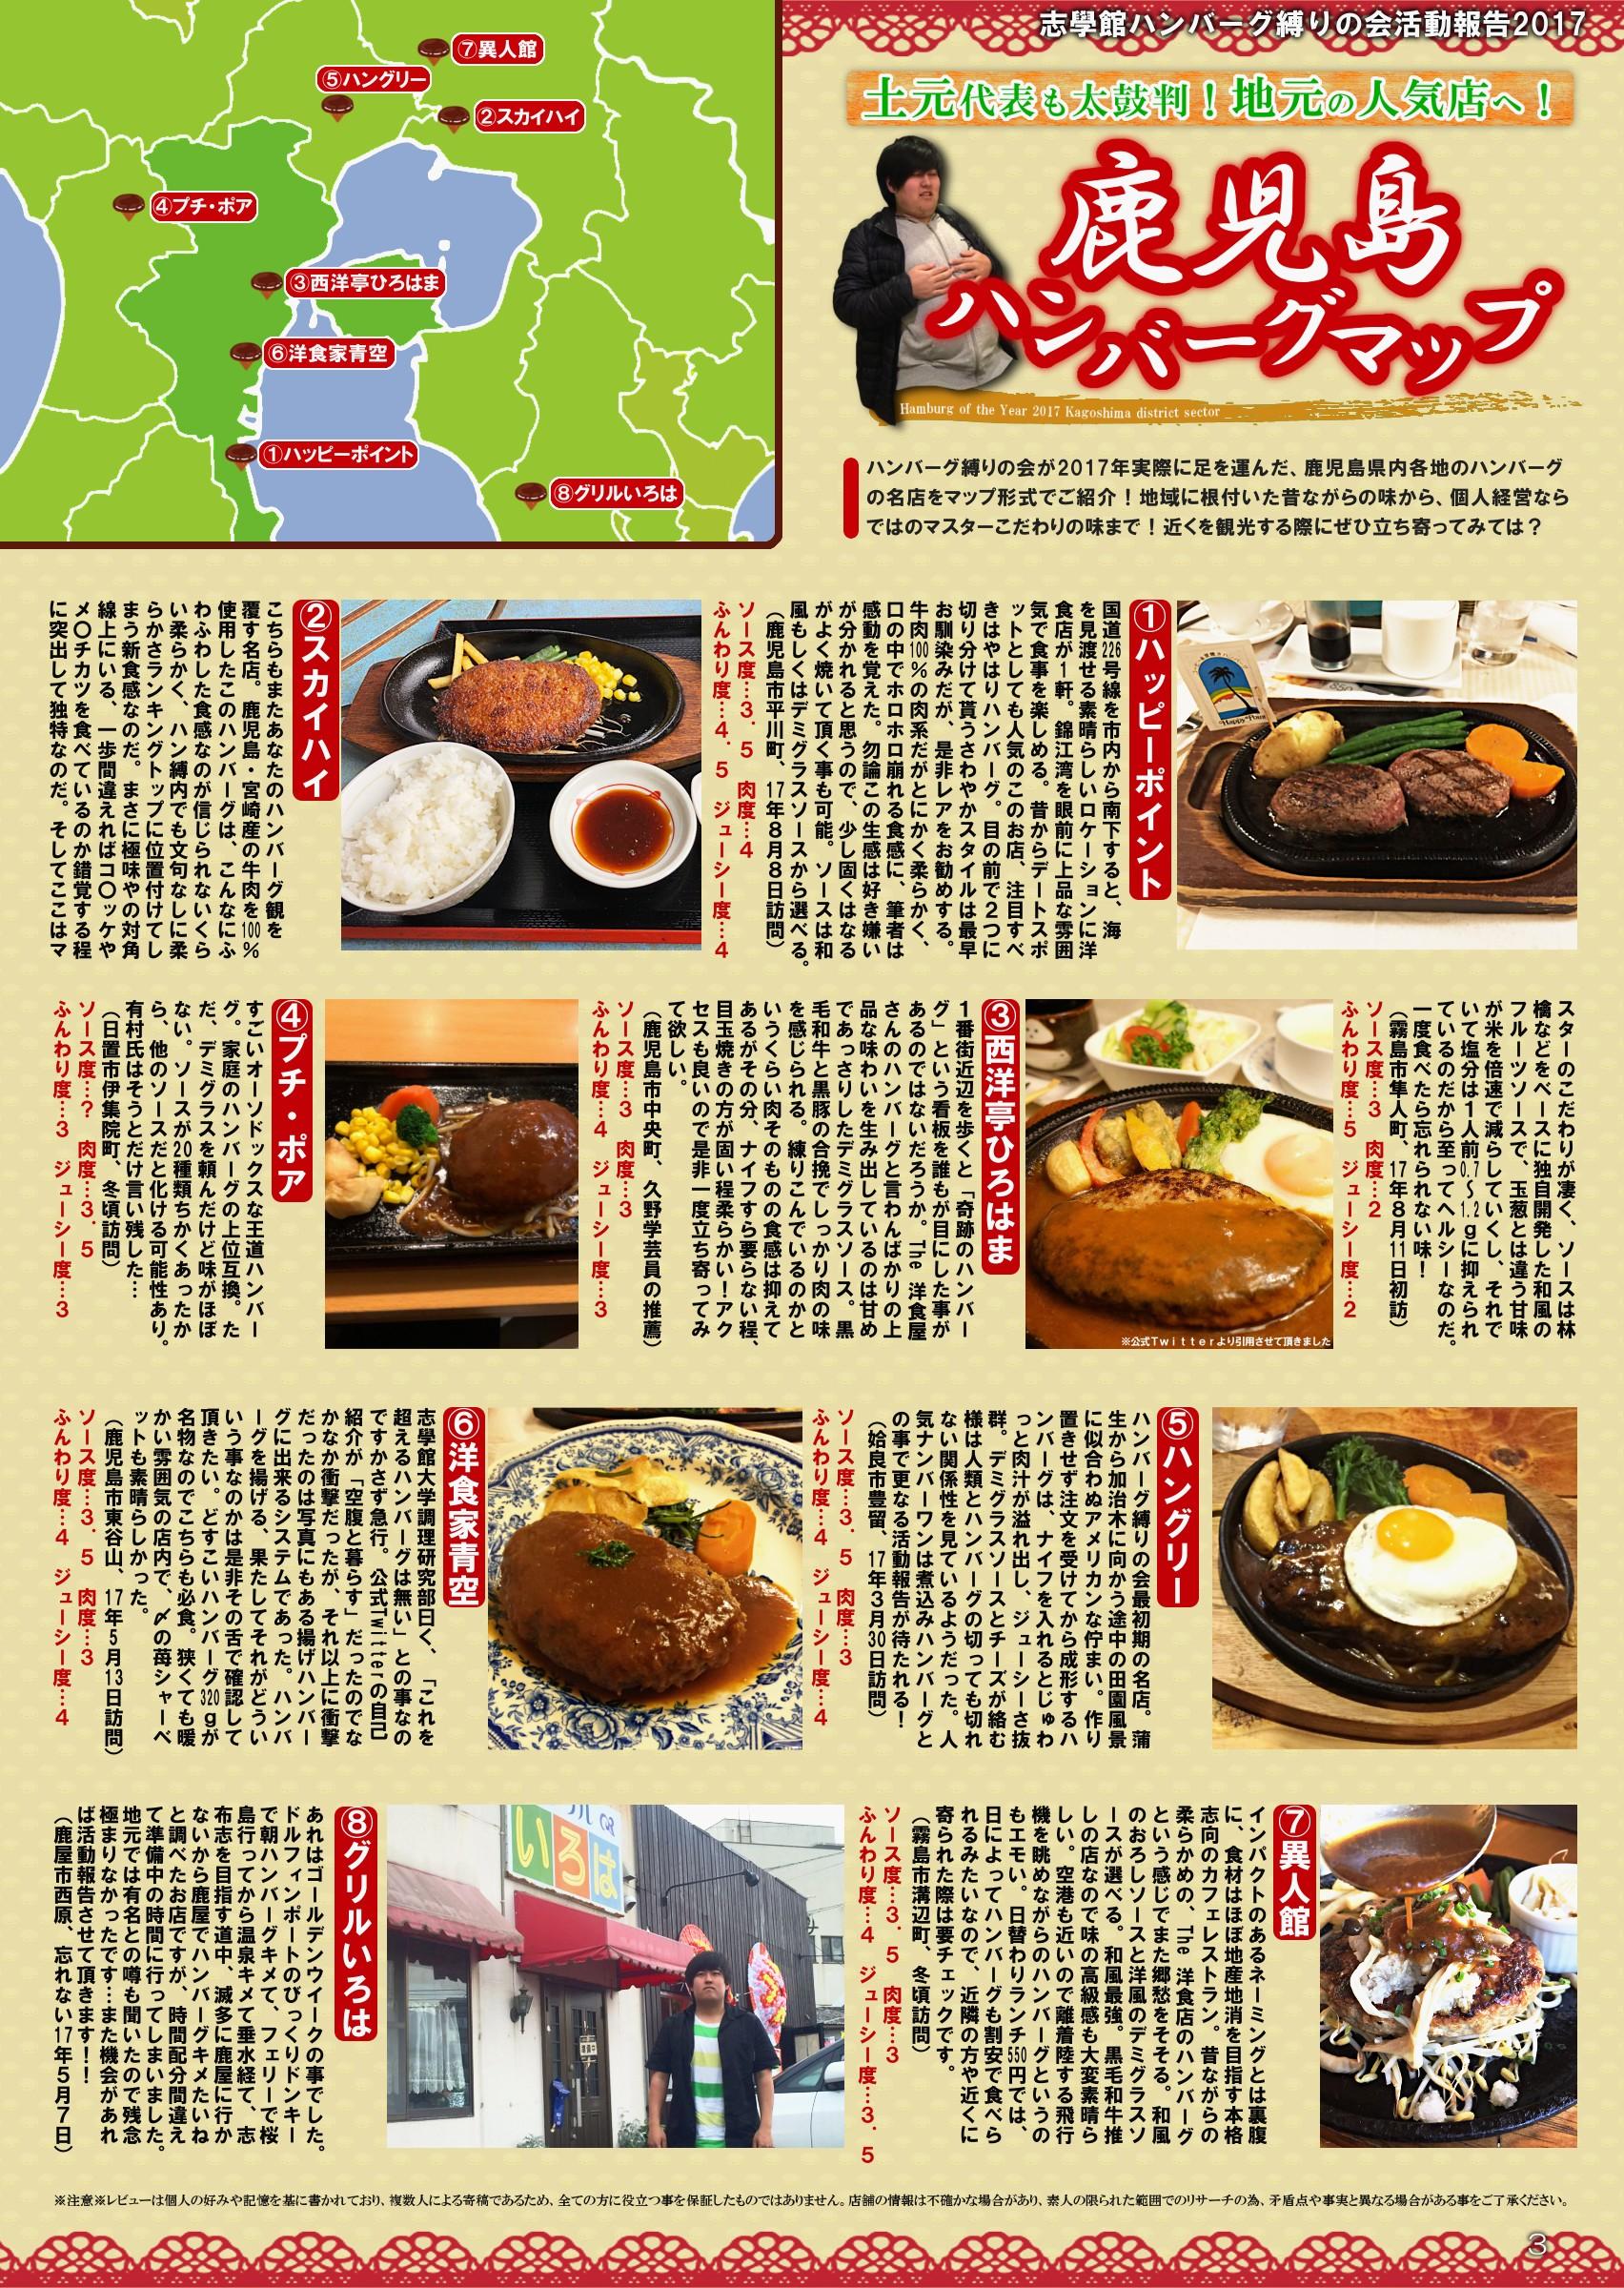 鹿児島 ハンバーグ マップ